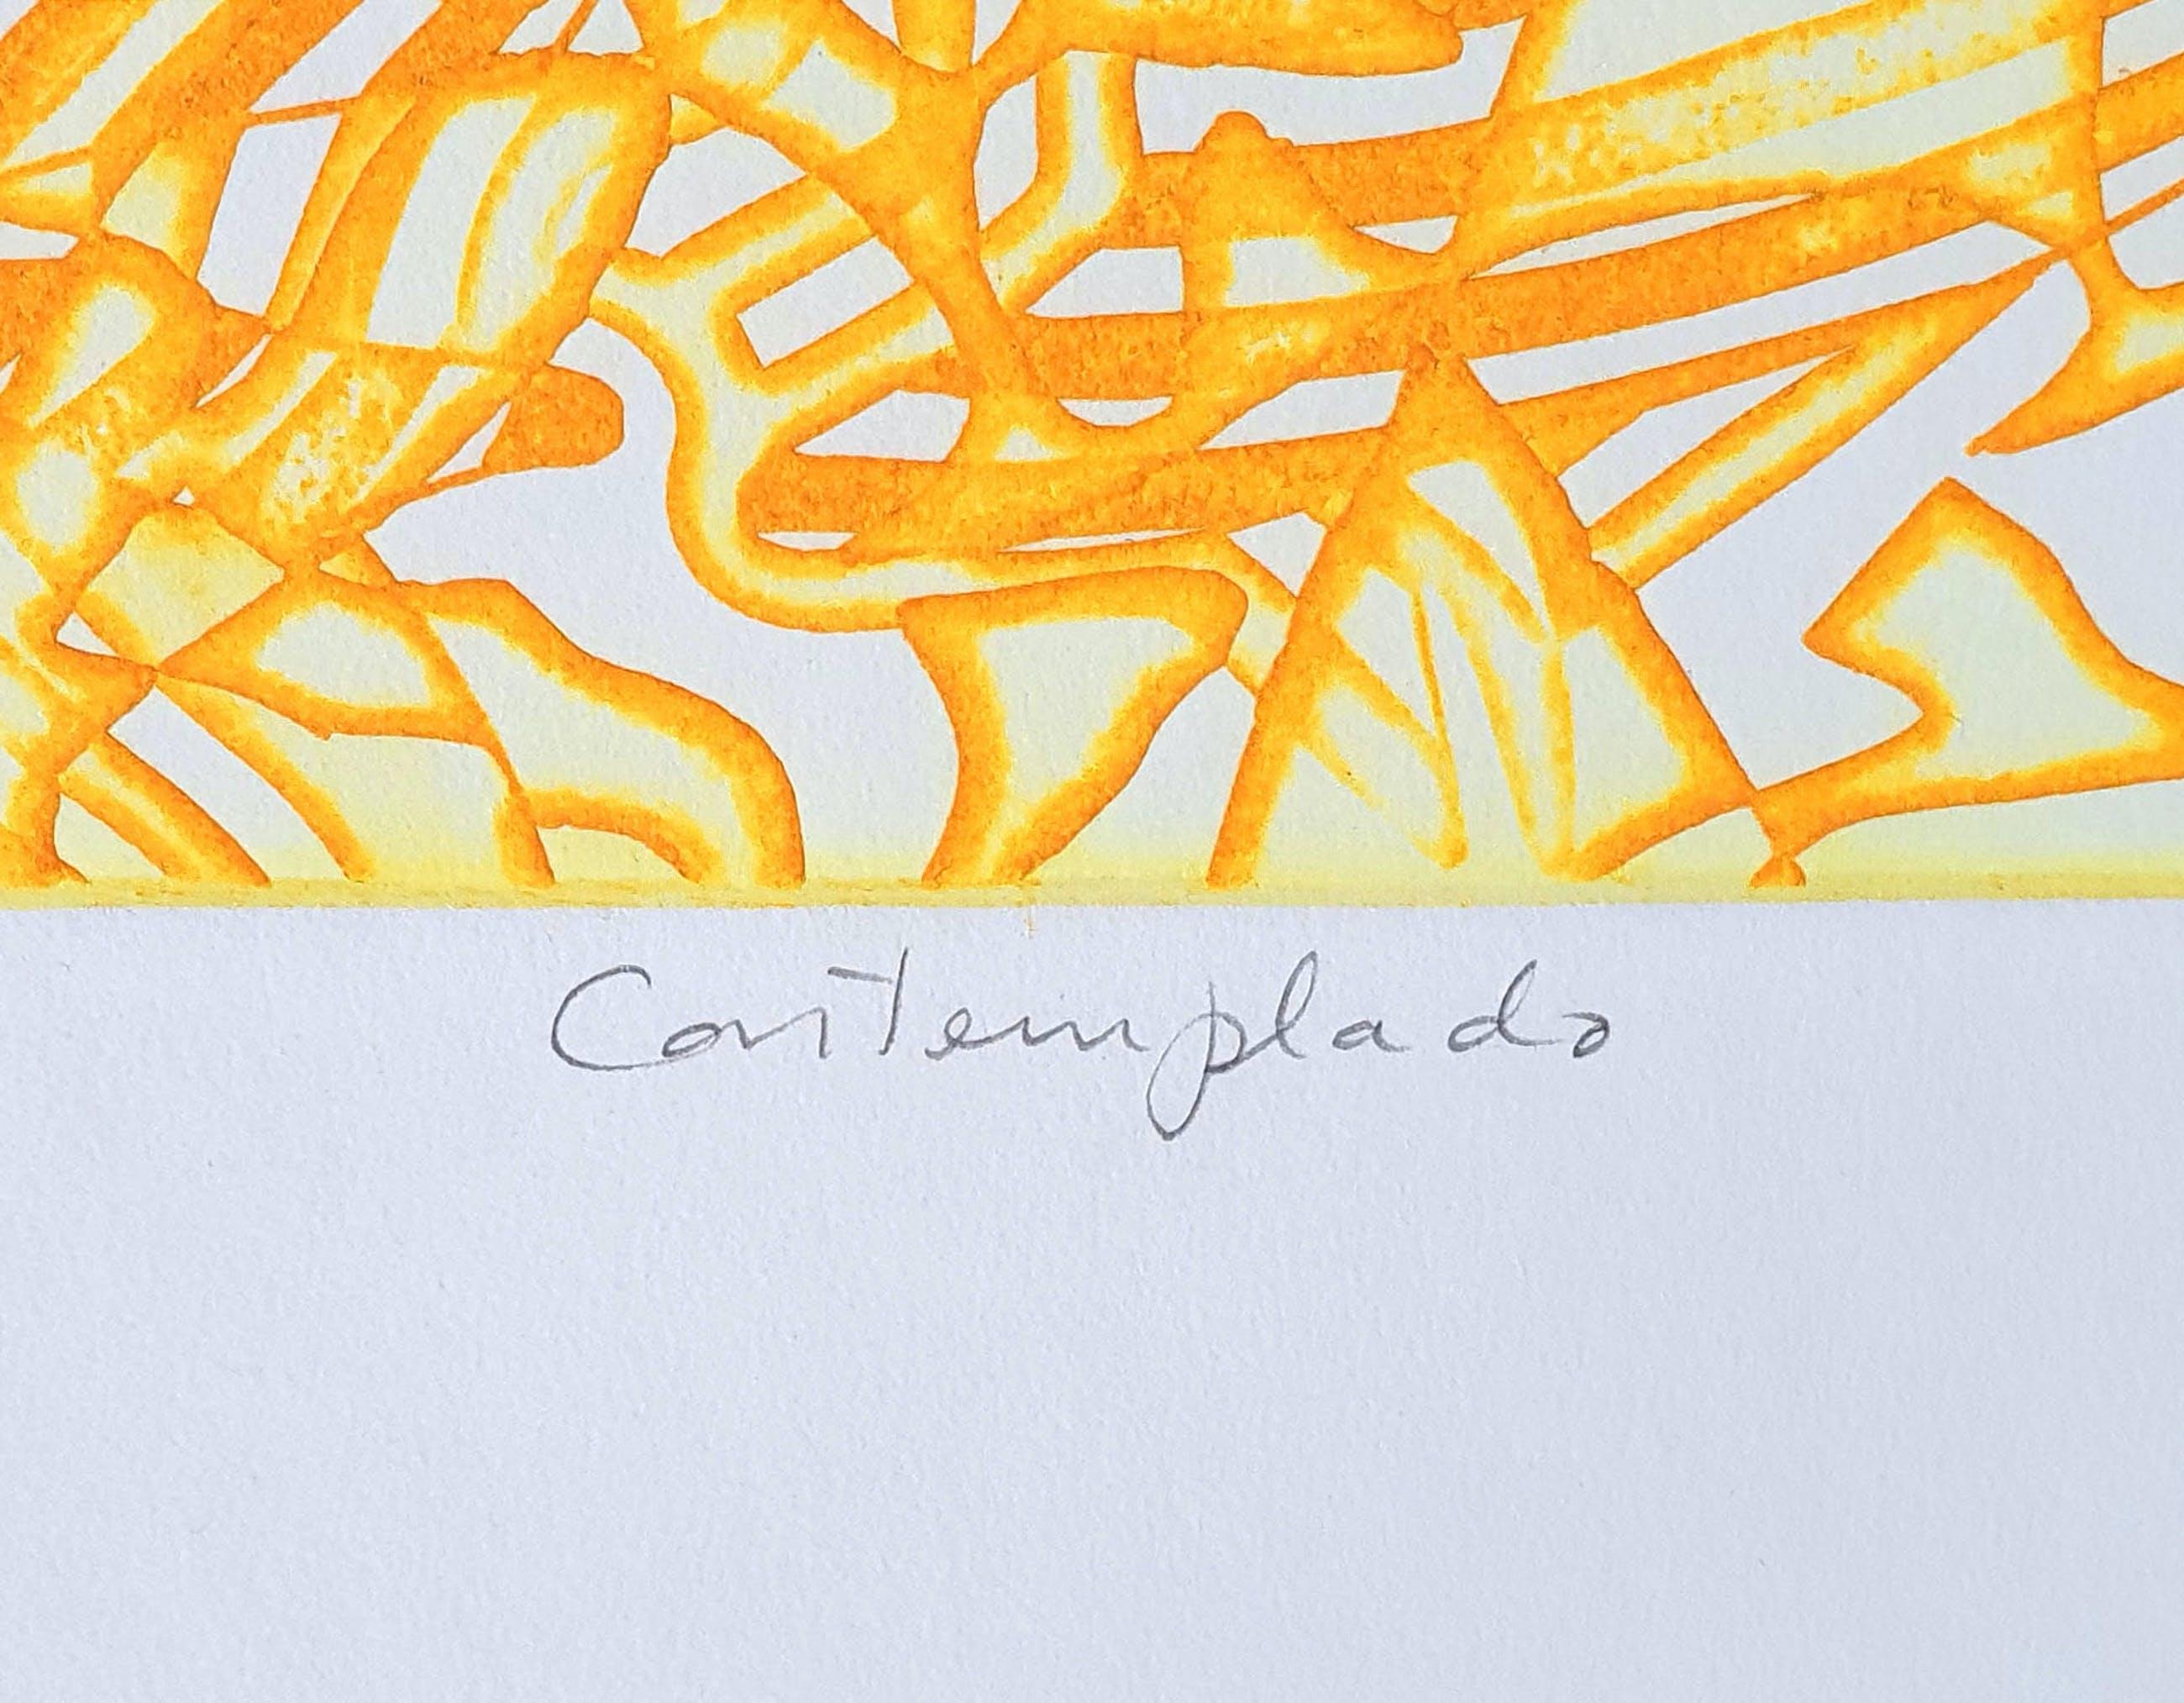 Hector Saunier - Ets: 'Contemplado' - 1970 kopen? Bied vanaf 55!